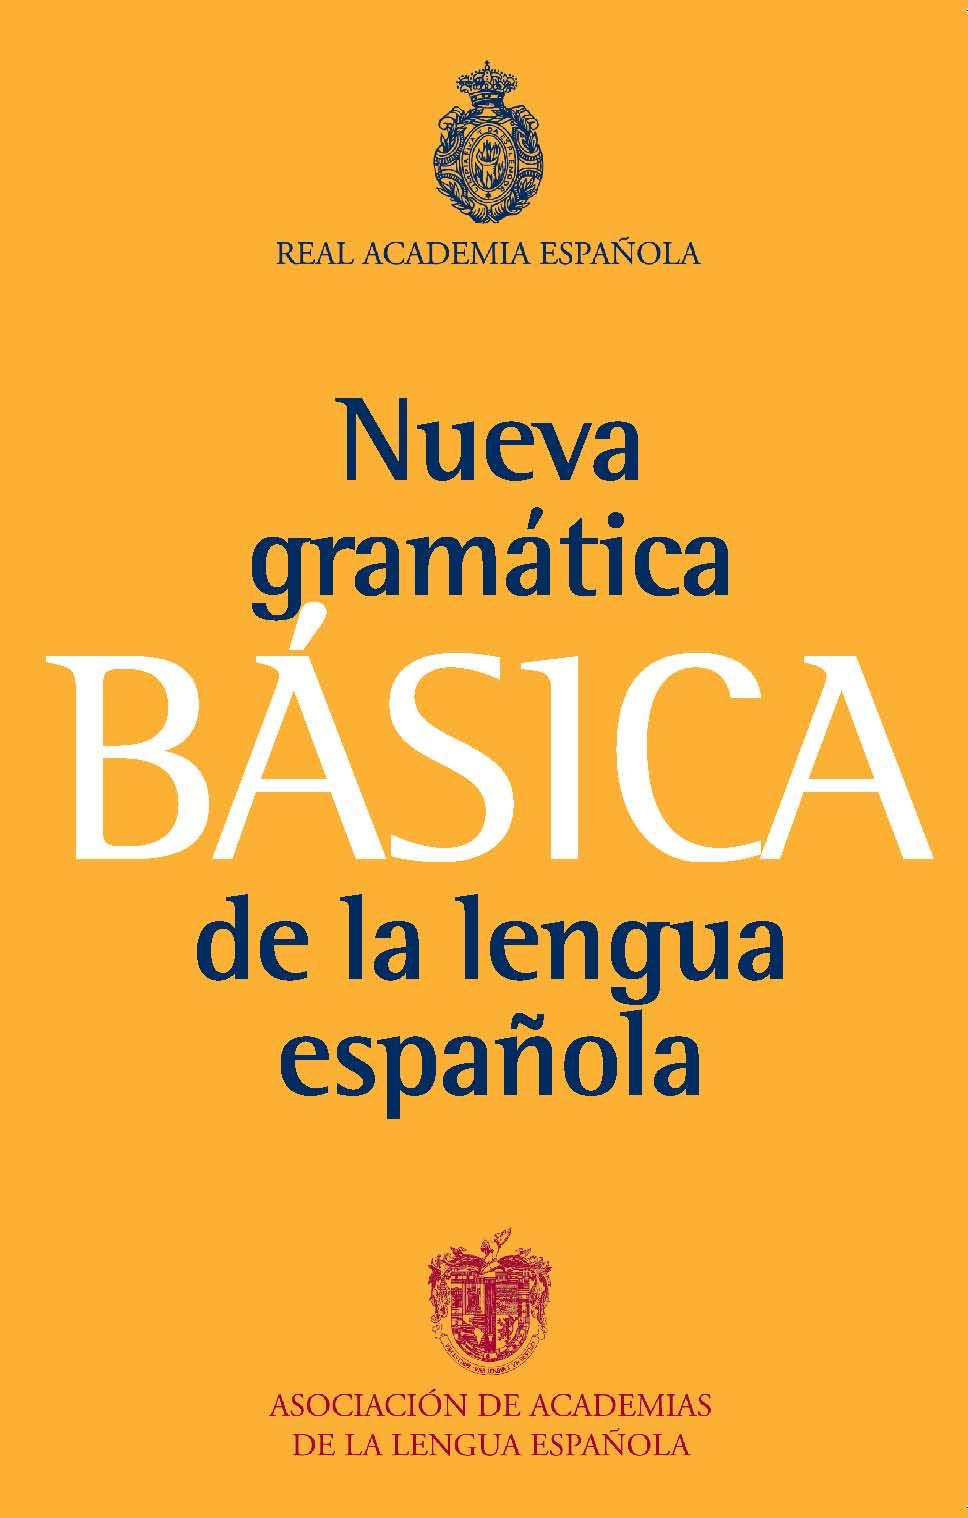 Nueva Gramatica Basica De La Lengua Española por Real Academia Española;                                                           Asoc. De Academias Lengua Española